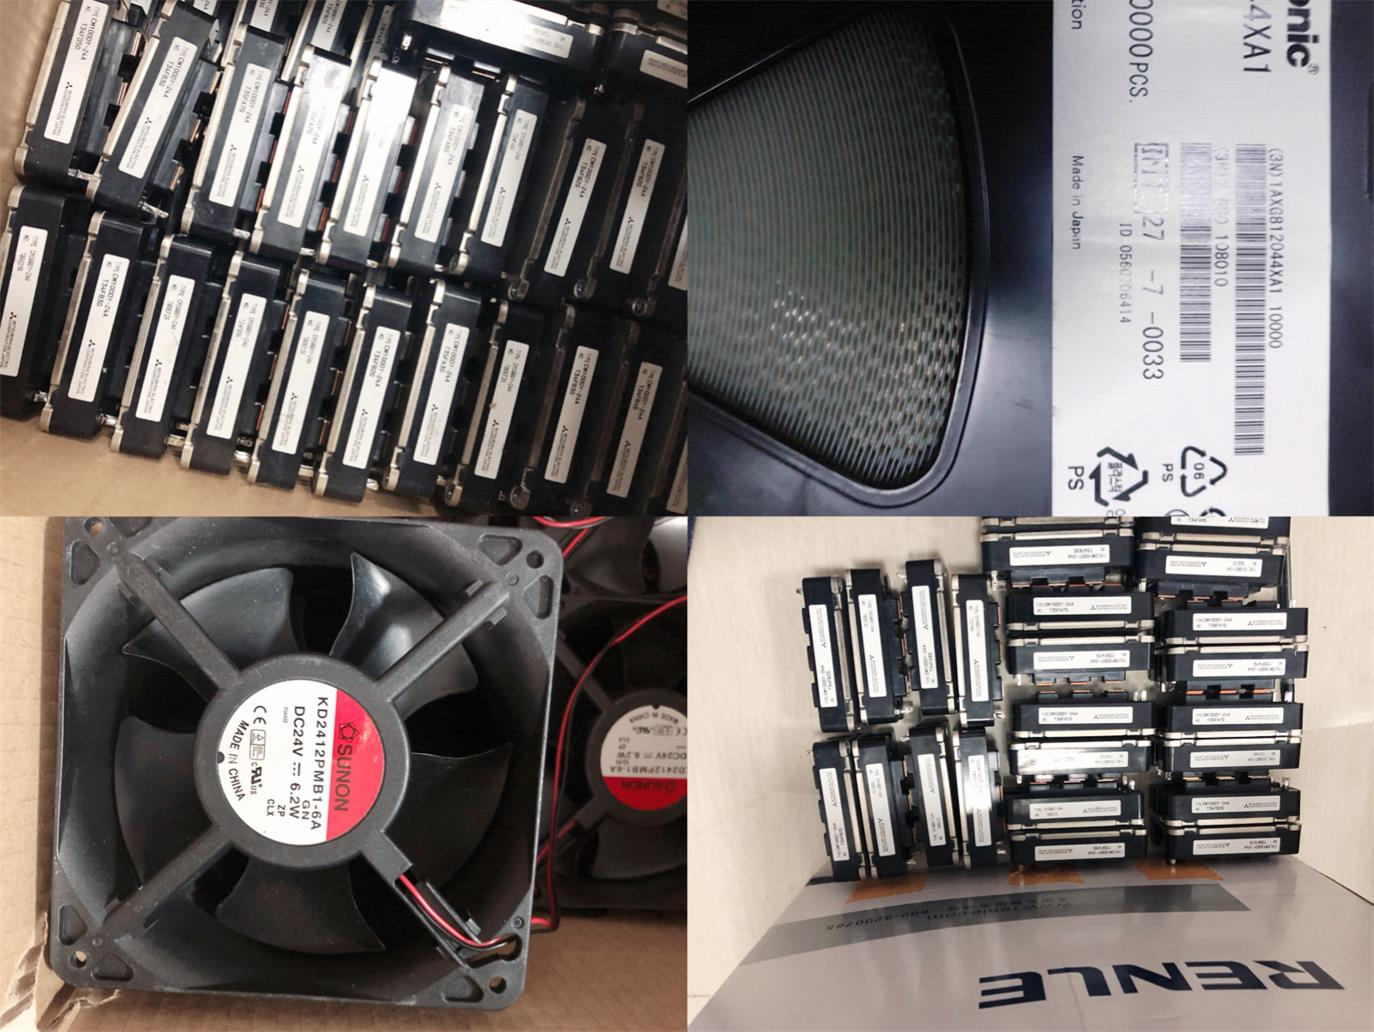 找IC回收公司 IC呆料回收公司 IC呆料收购公司 回收芯片呆料 回收交换芯片呆料 回收直插IC呆料 回收开关 收购开关呆料 回收进口开关 回收进口芯片 回收进口IC回收公司-合格